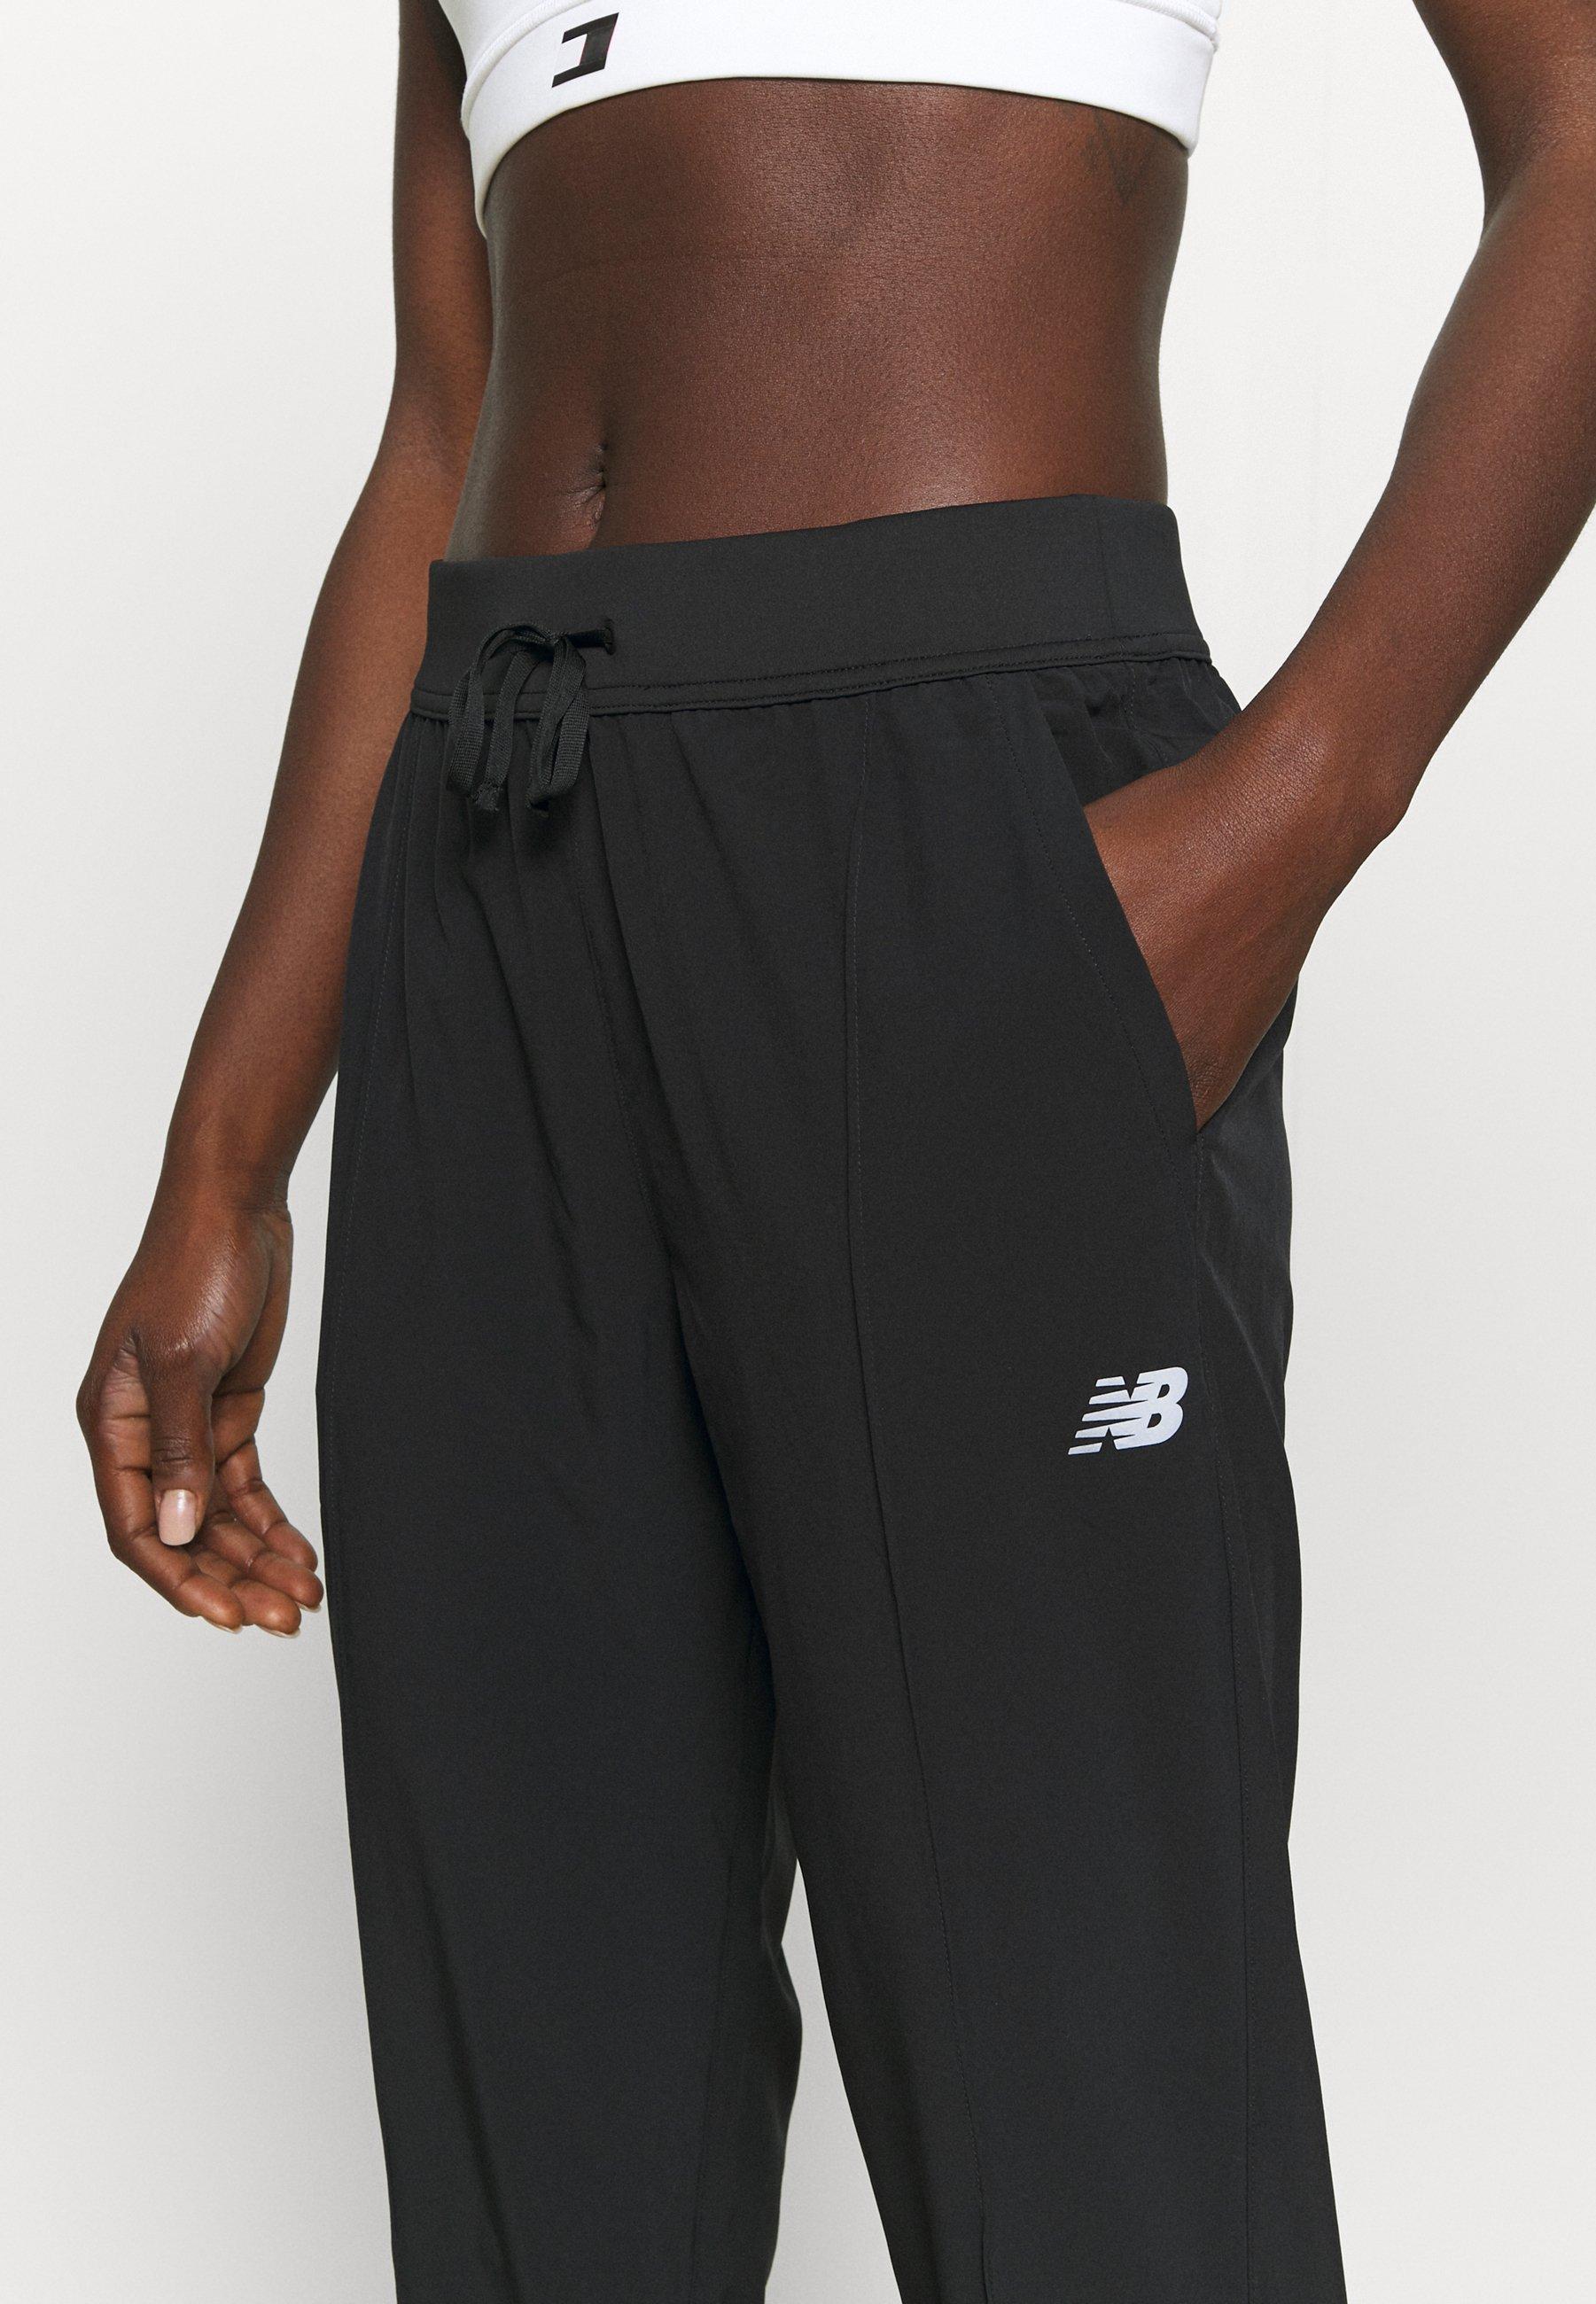 Femme ACCELERATE PANT - Pantalon de survêtement